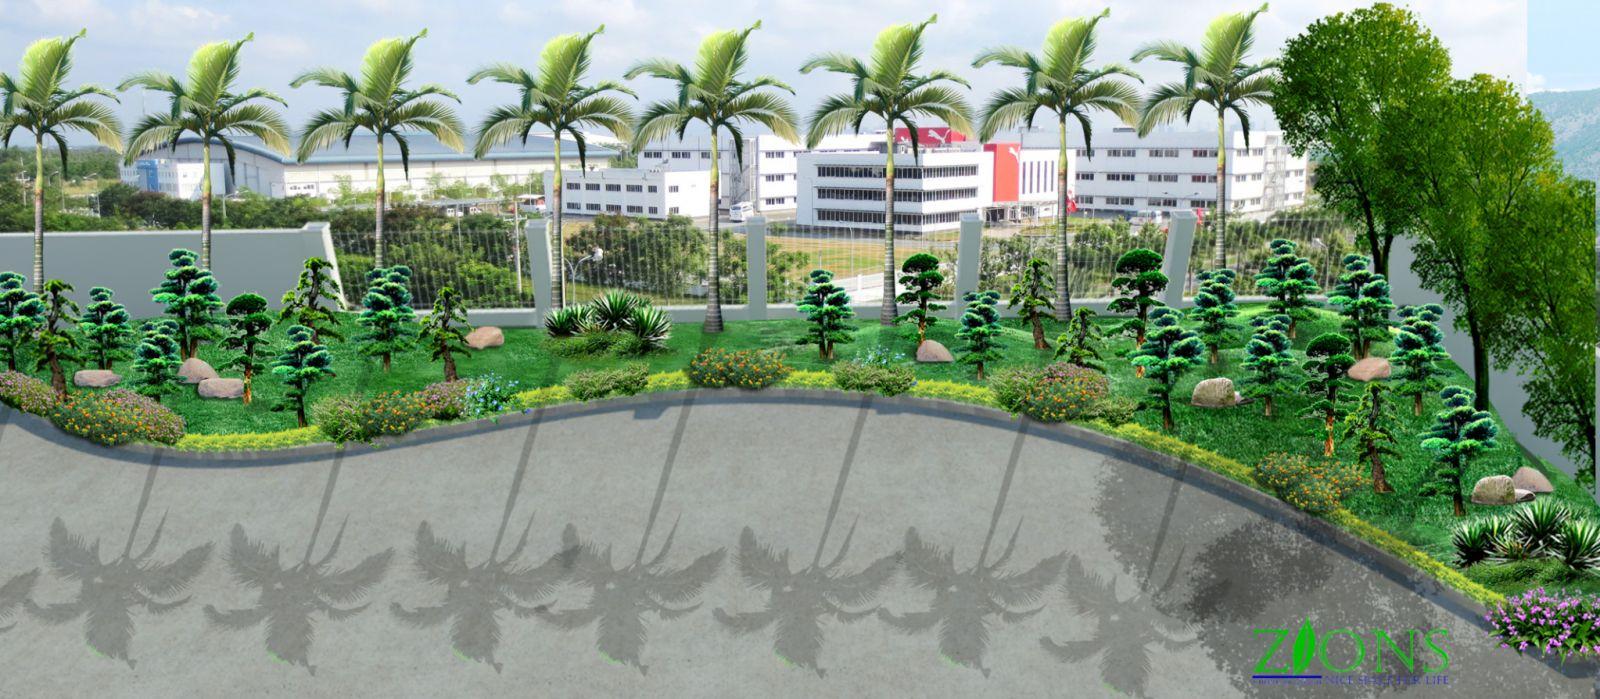 Thiết kế sân vườn khu nhà máy hóa sinh việt nam